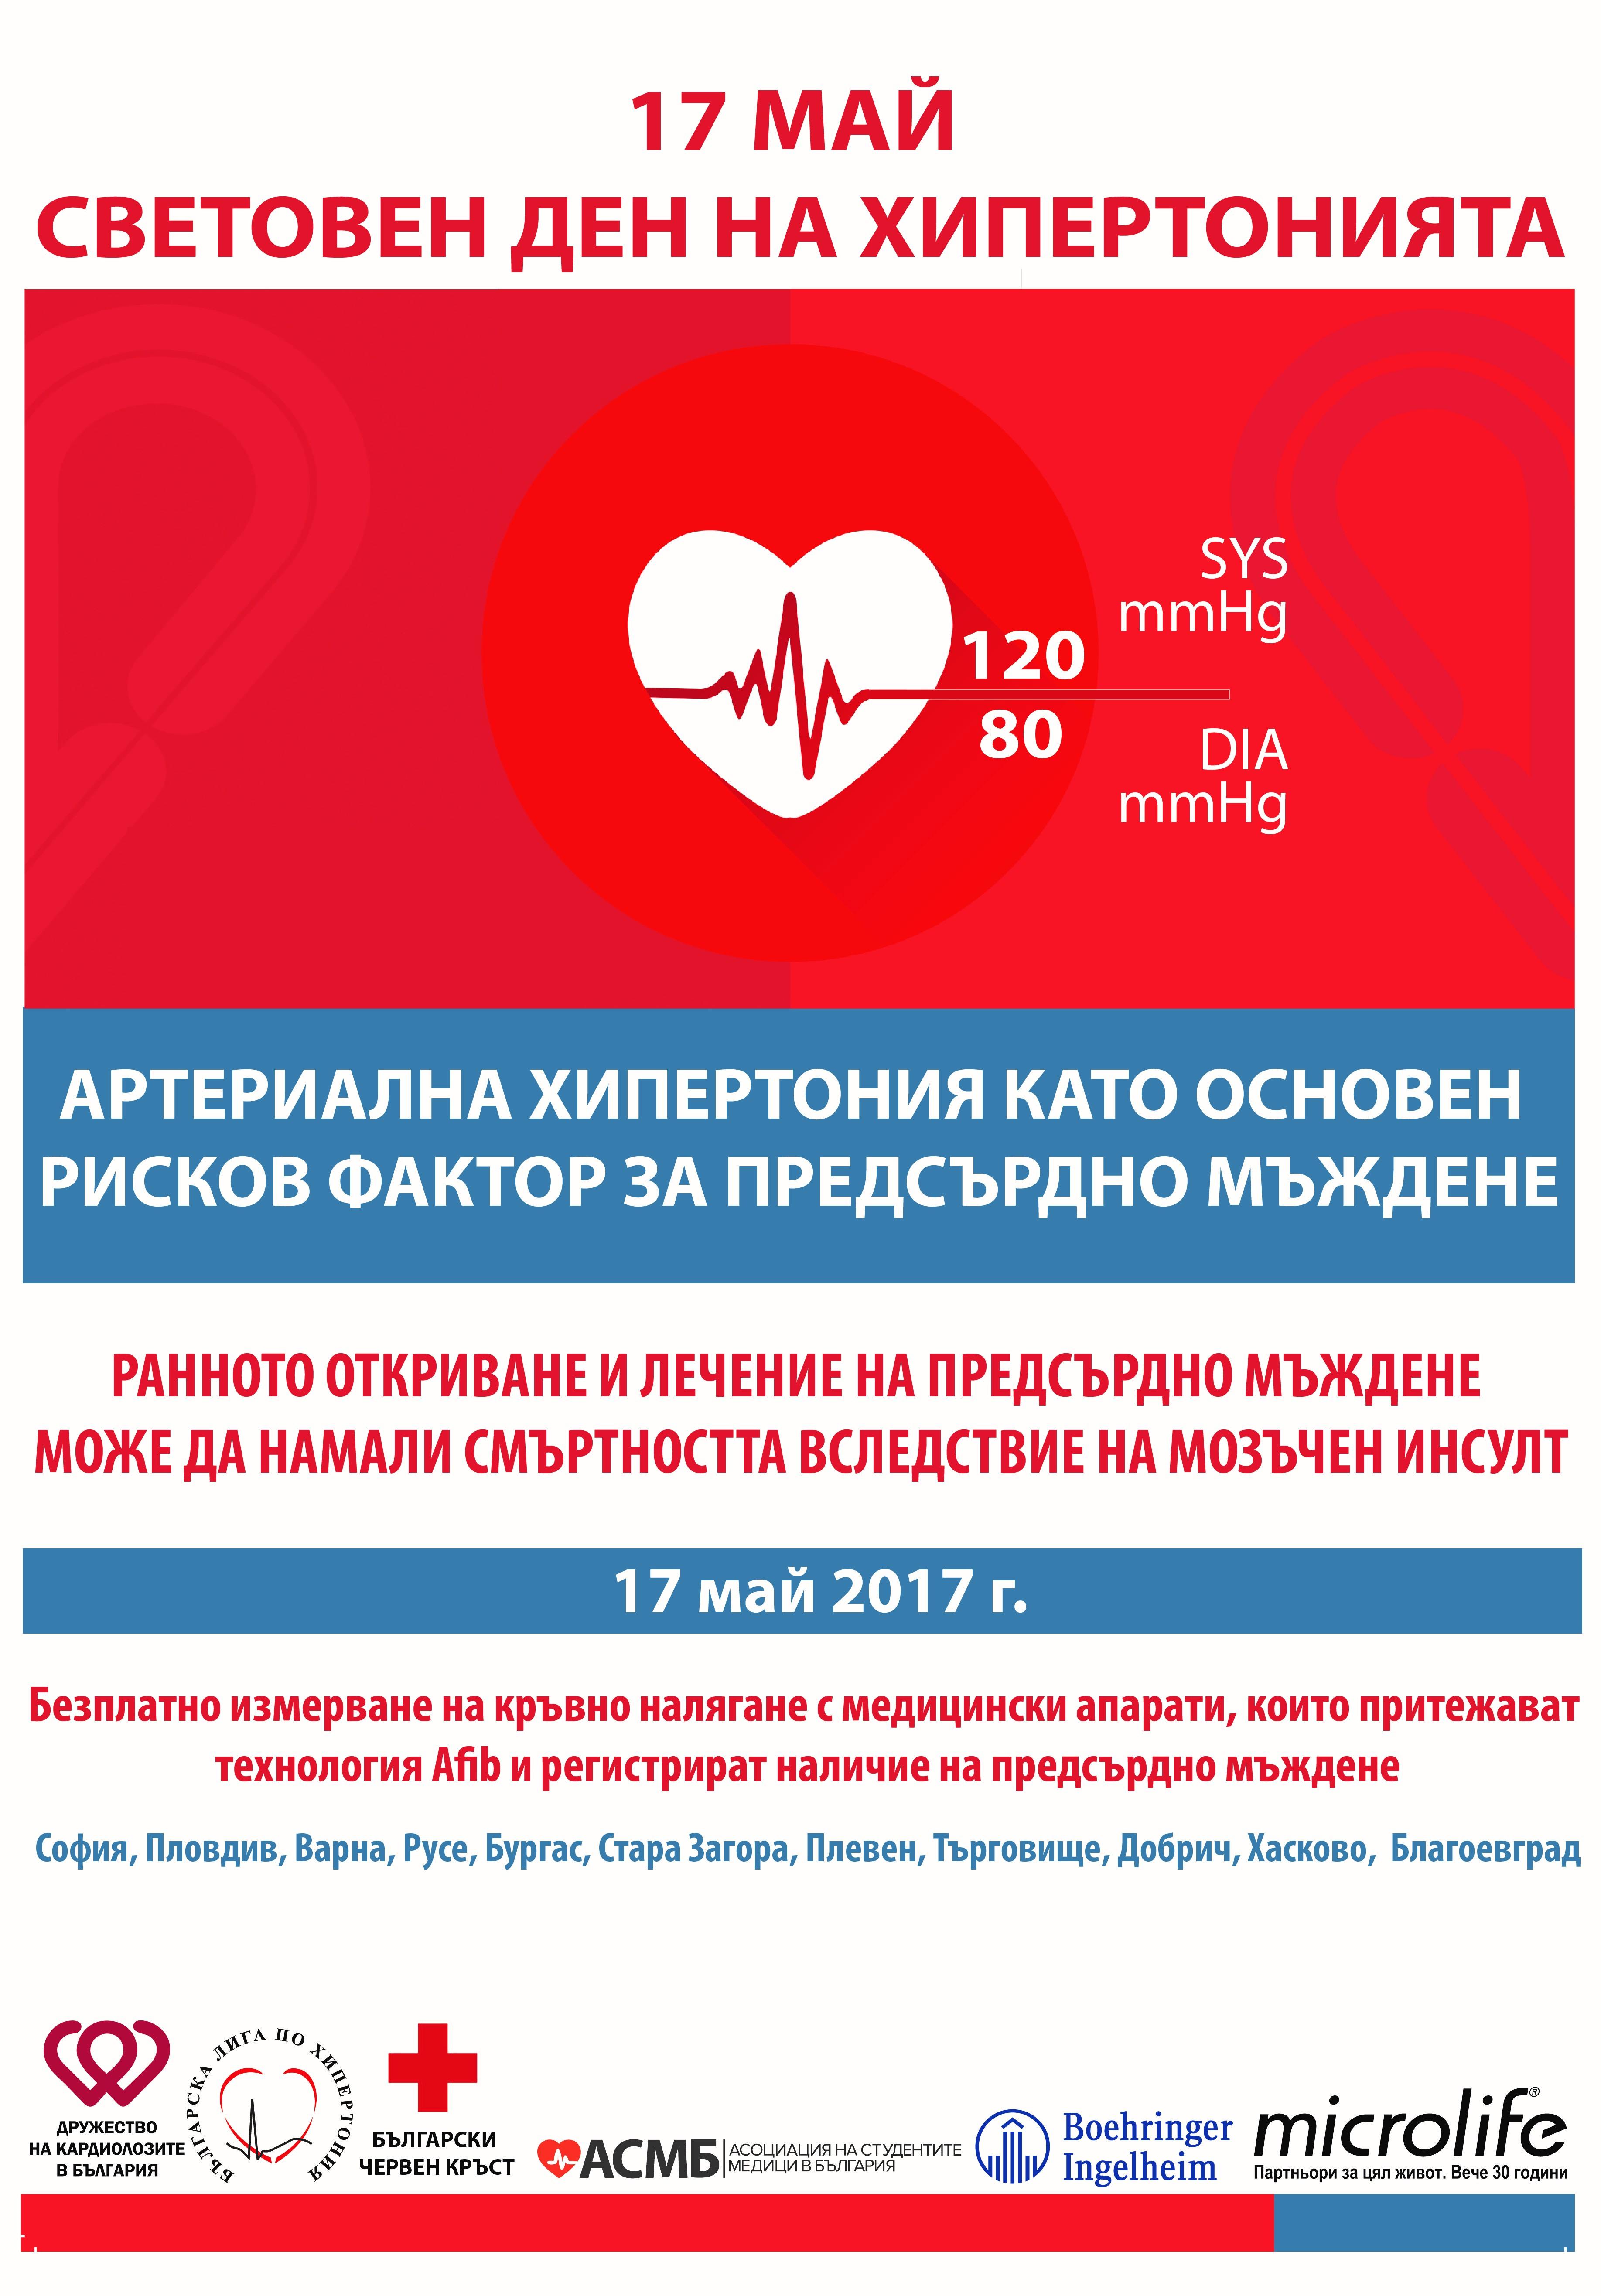 """17 МАЙ - СВЕТОВЕН ДЕН ЗА БОРБА С ХИПЕРТОНИЯТА '2017 НАЦИОНАЛНА КАМПАНИЯ""""АРТЕРИАЛНАТА ХИПЕРТОНИЯ КАТО ОСНОВЕН РИСКОВ ФАКТОР ЗА ПРЕДСЪРДНО МЪЖДЕНЕ"""" СОФИЯ, ПЛОВДИВ, ВАРНА, РУСЕ, СТАРА ЗАГОРА, БУРГАС, ПЛЕВЕН, БЛАГОЕВГРАД, ТЪРГОВИЩЕ, ХАСКОВО И ДОБРИЧ"""